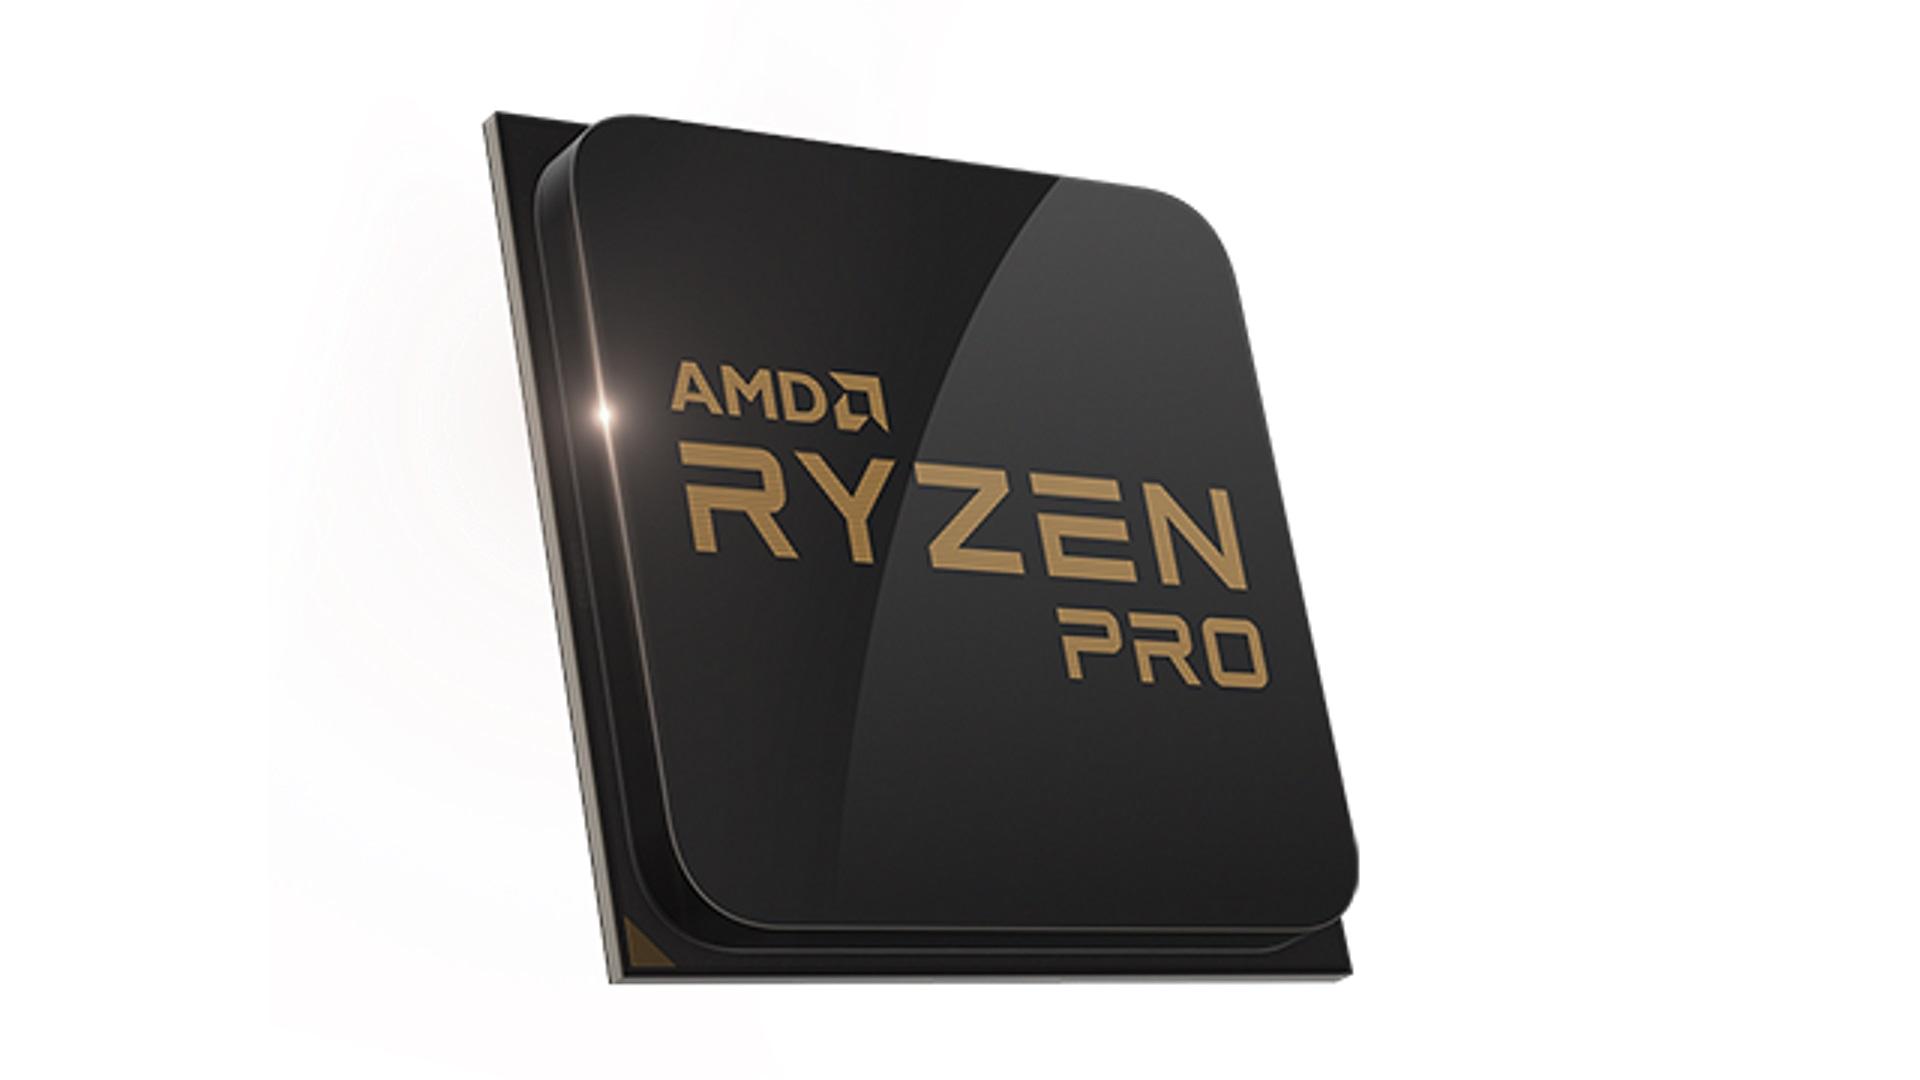 Рендер настольного процессора Ryzen PRO